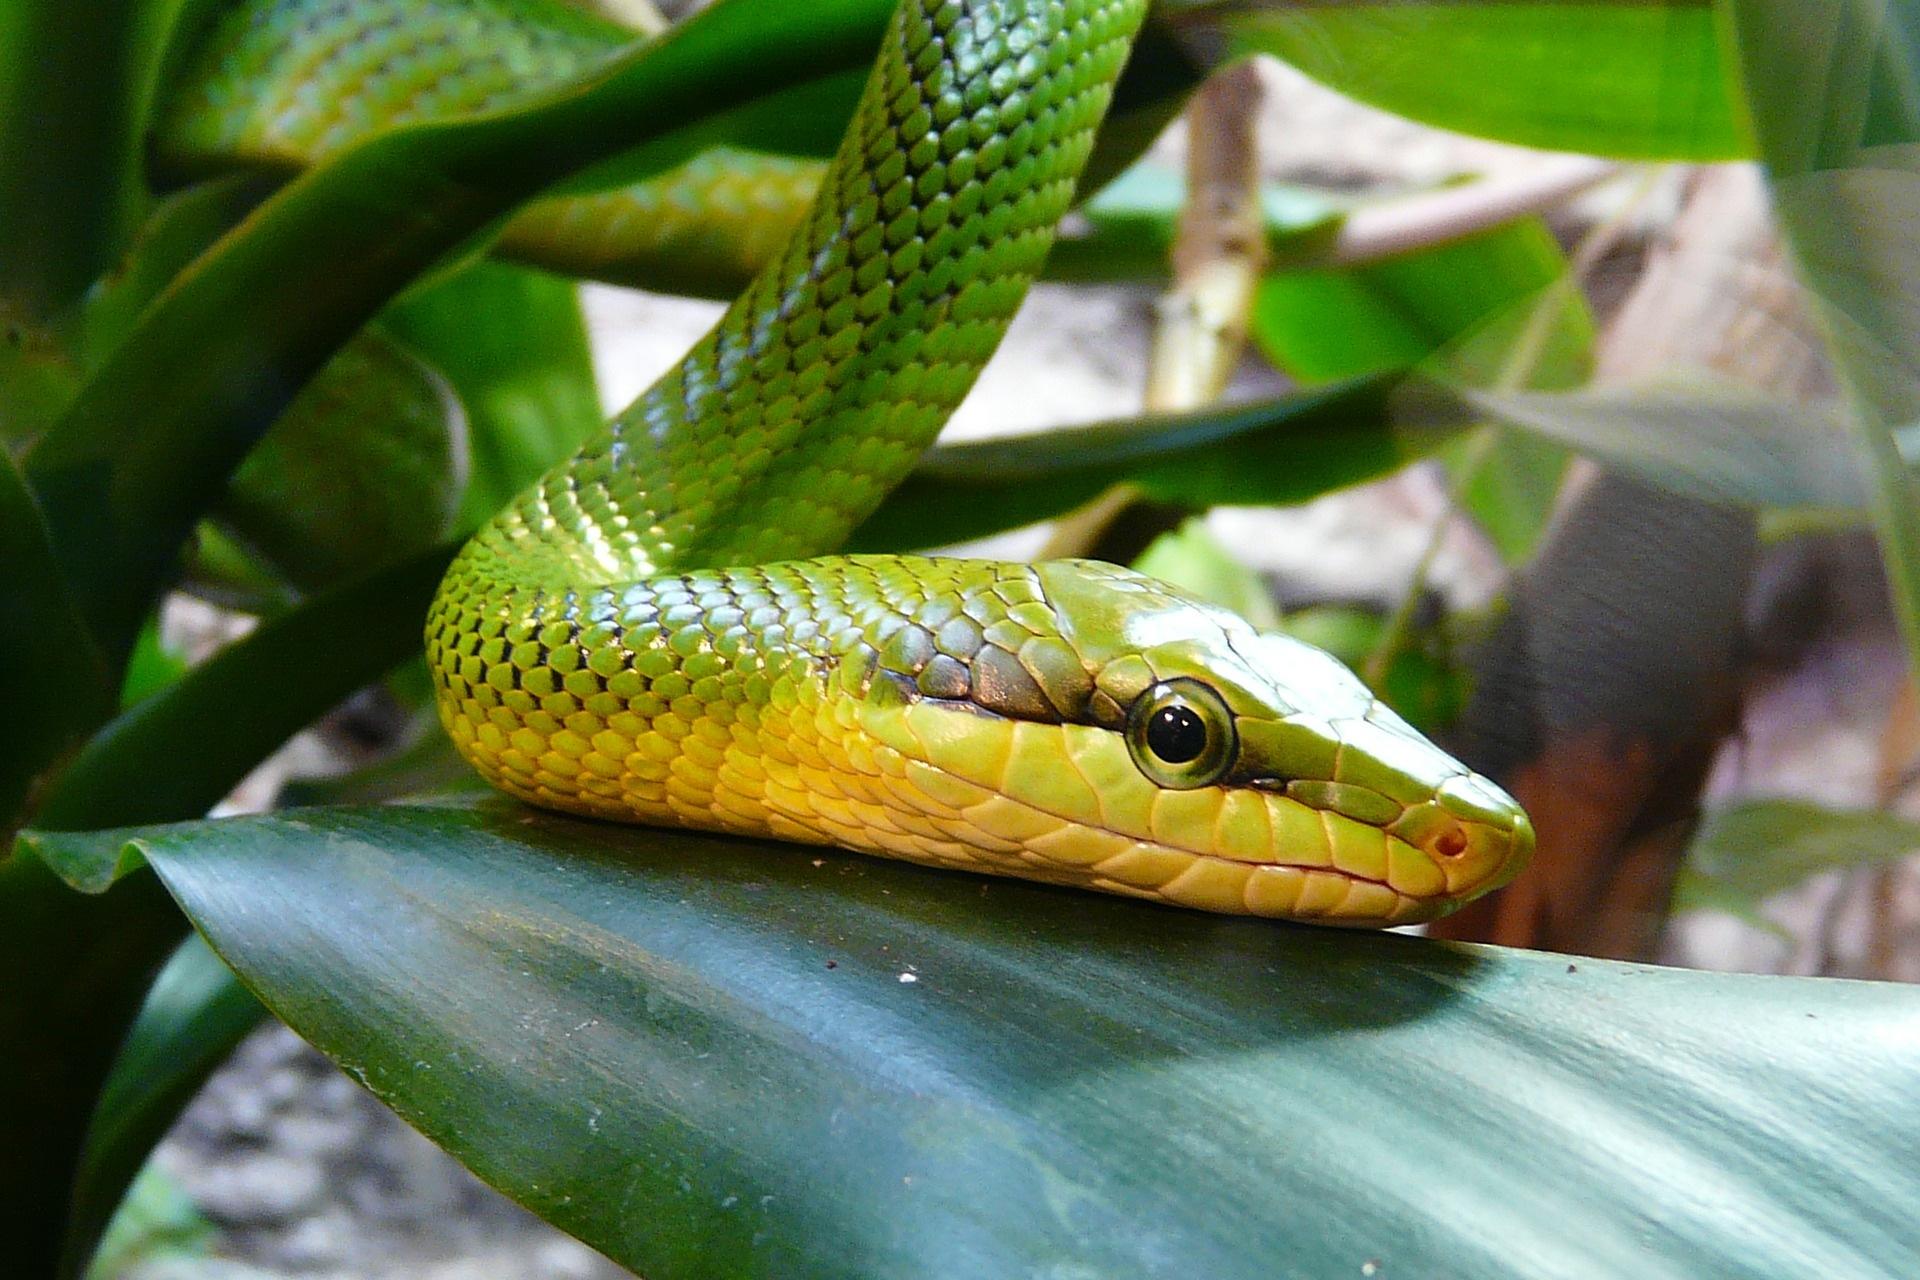 Mamba patří mezi nejjedovatější hady, její jed způsobuje nervovou paralýzu. Postižený pacient umírá velmi rychle